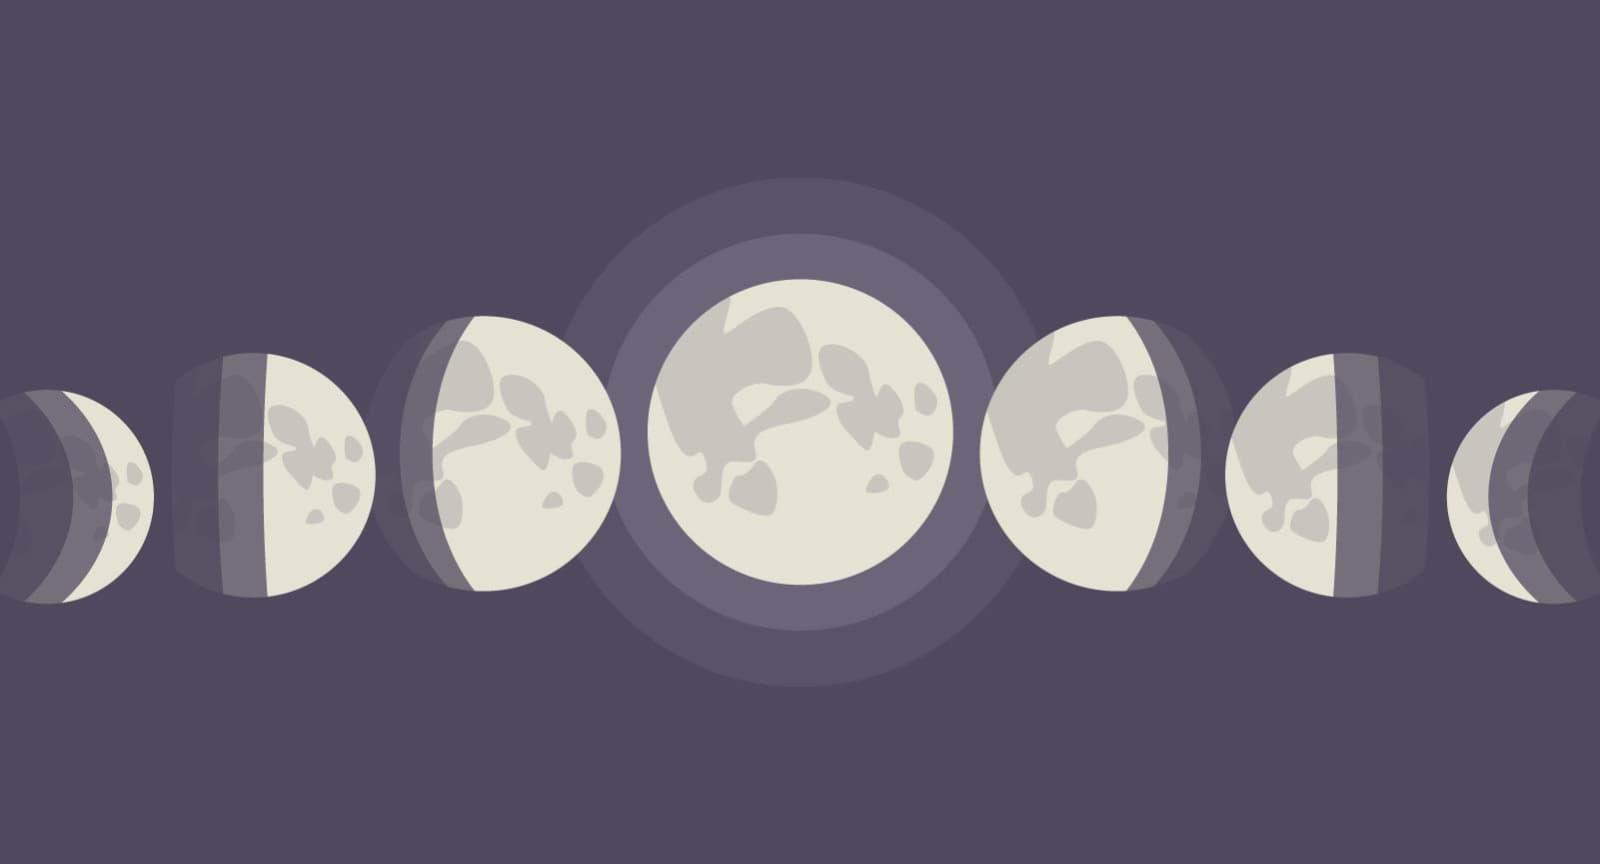 Mondphasen: Das sind die verschiedenen Erscheinungsbilder des Mondes.